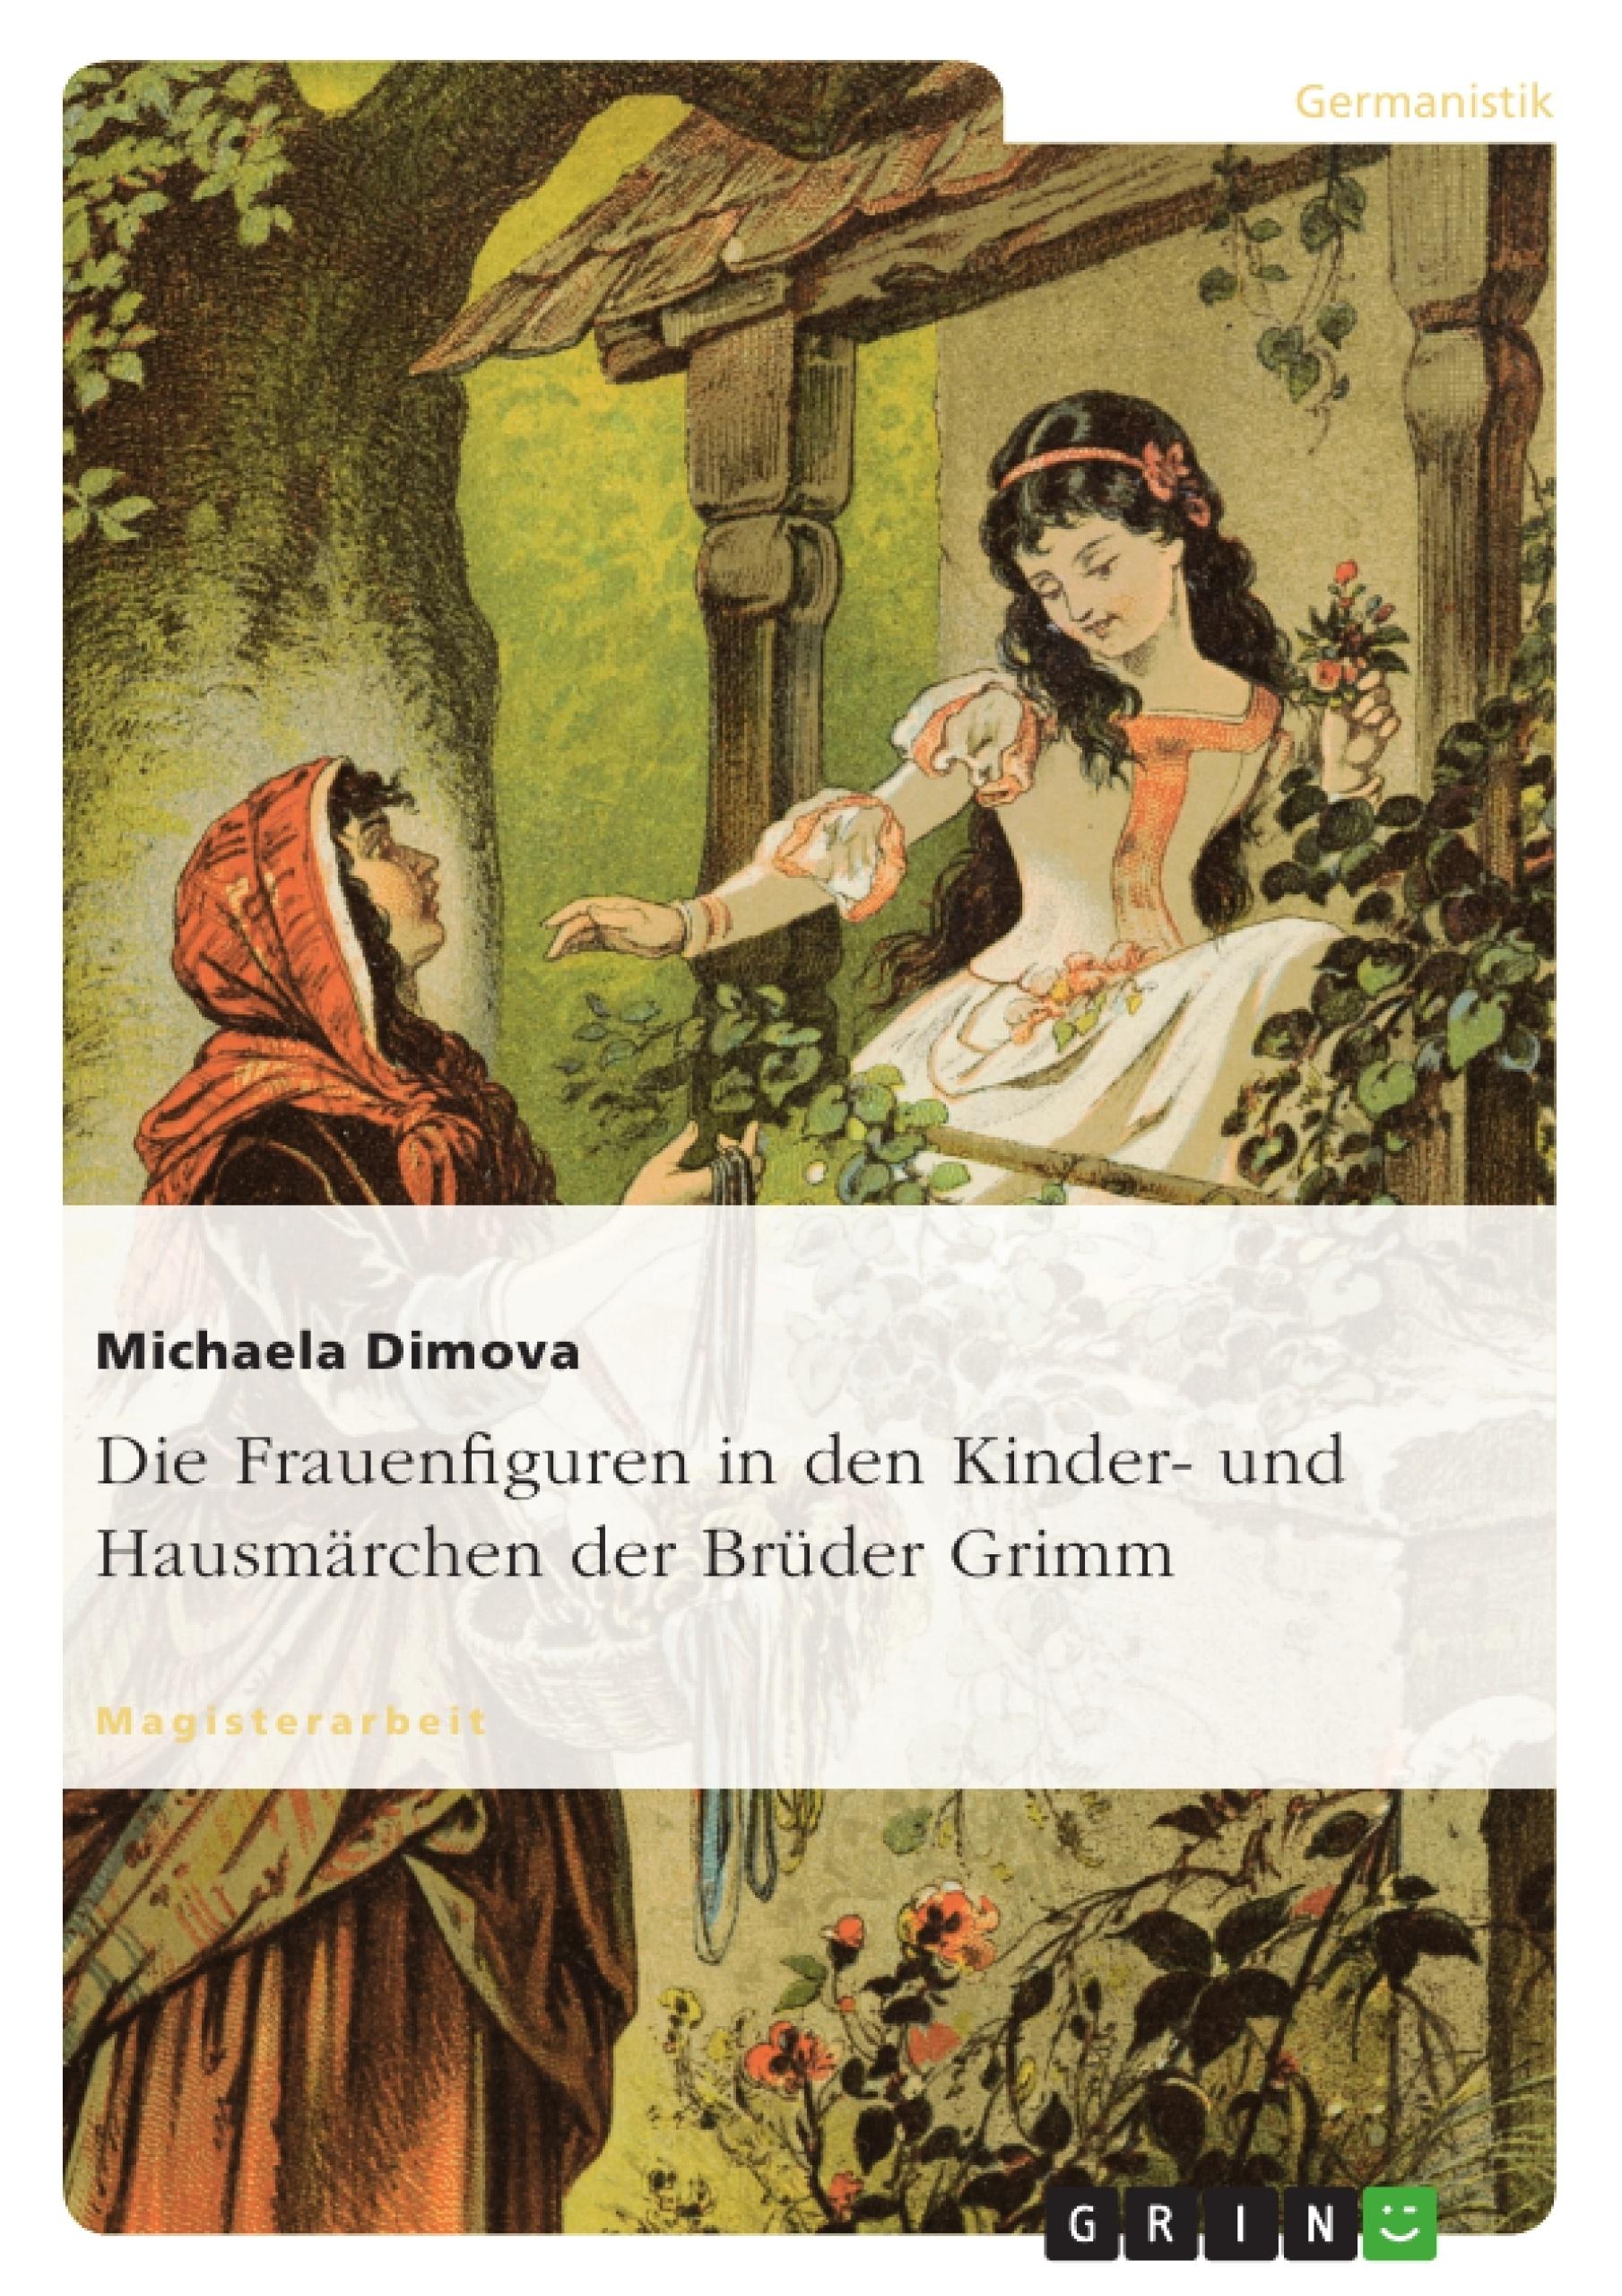 Titel: Die Frauenfiguren in den Kinder- und Hausmärchen der Brüder Grimm